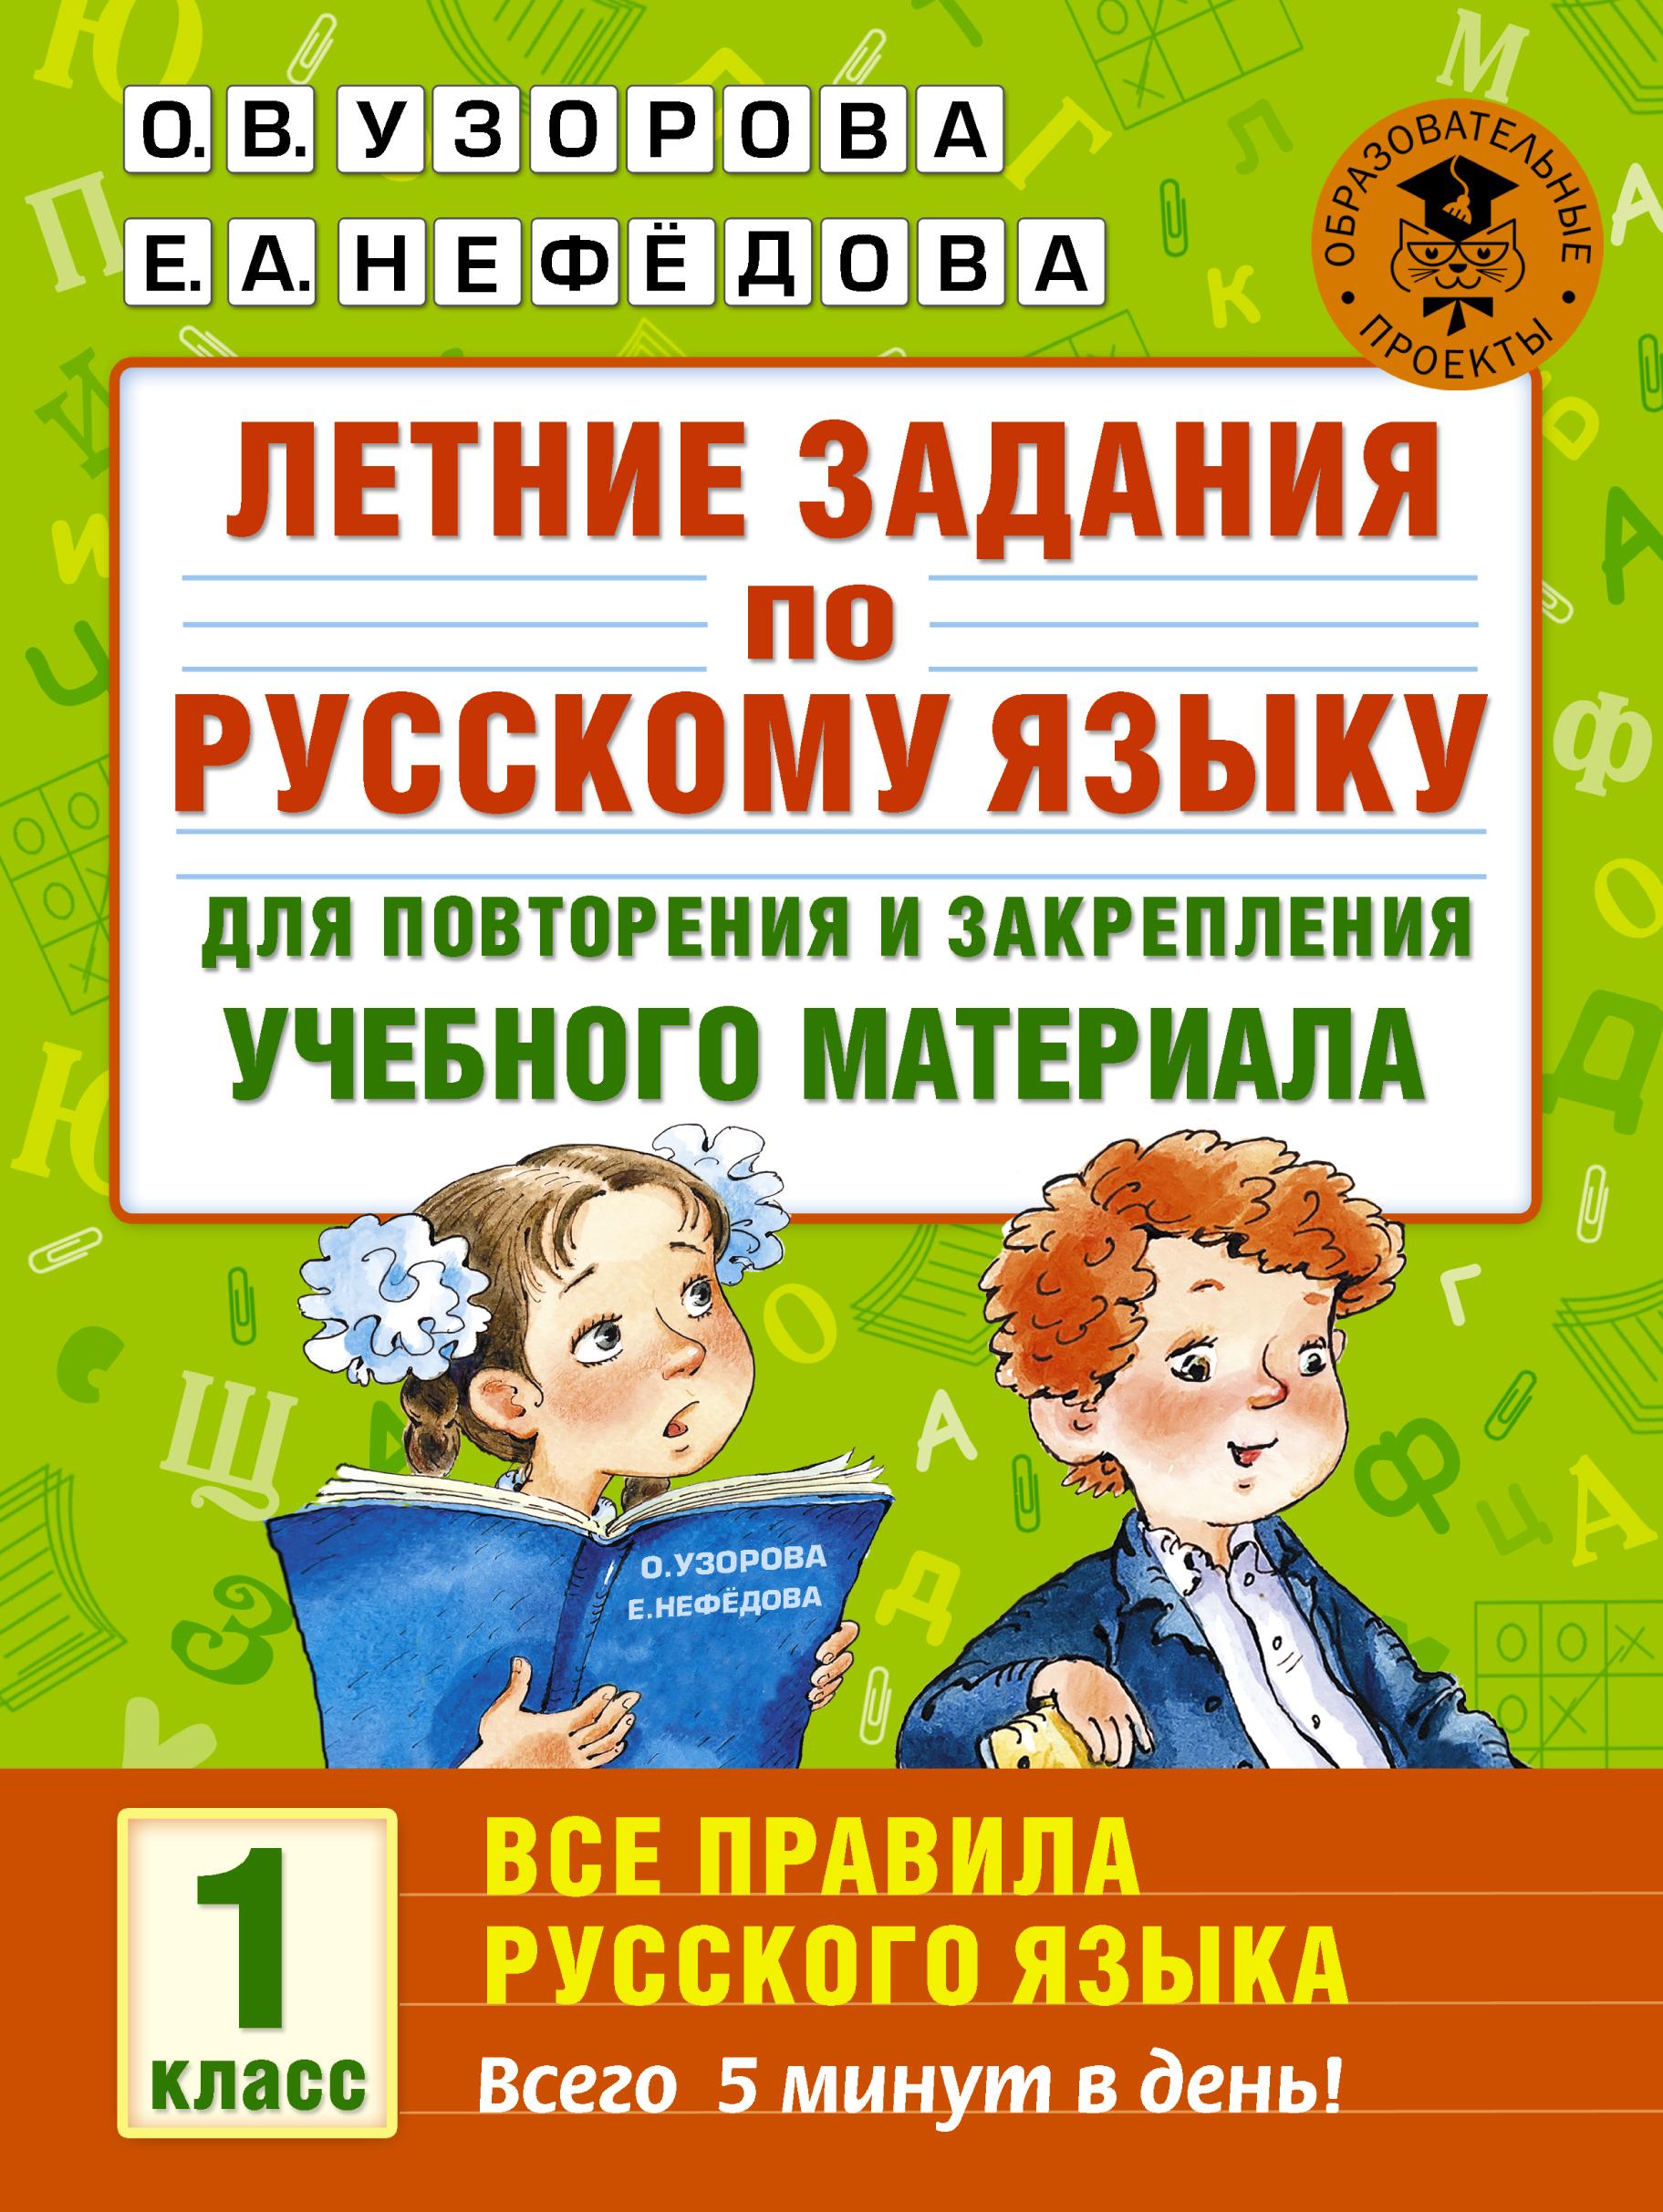 Летние задания по русскому языку  повторения и закрепления учеб. материала. 1 кл